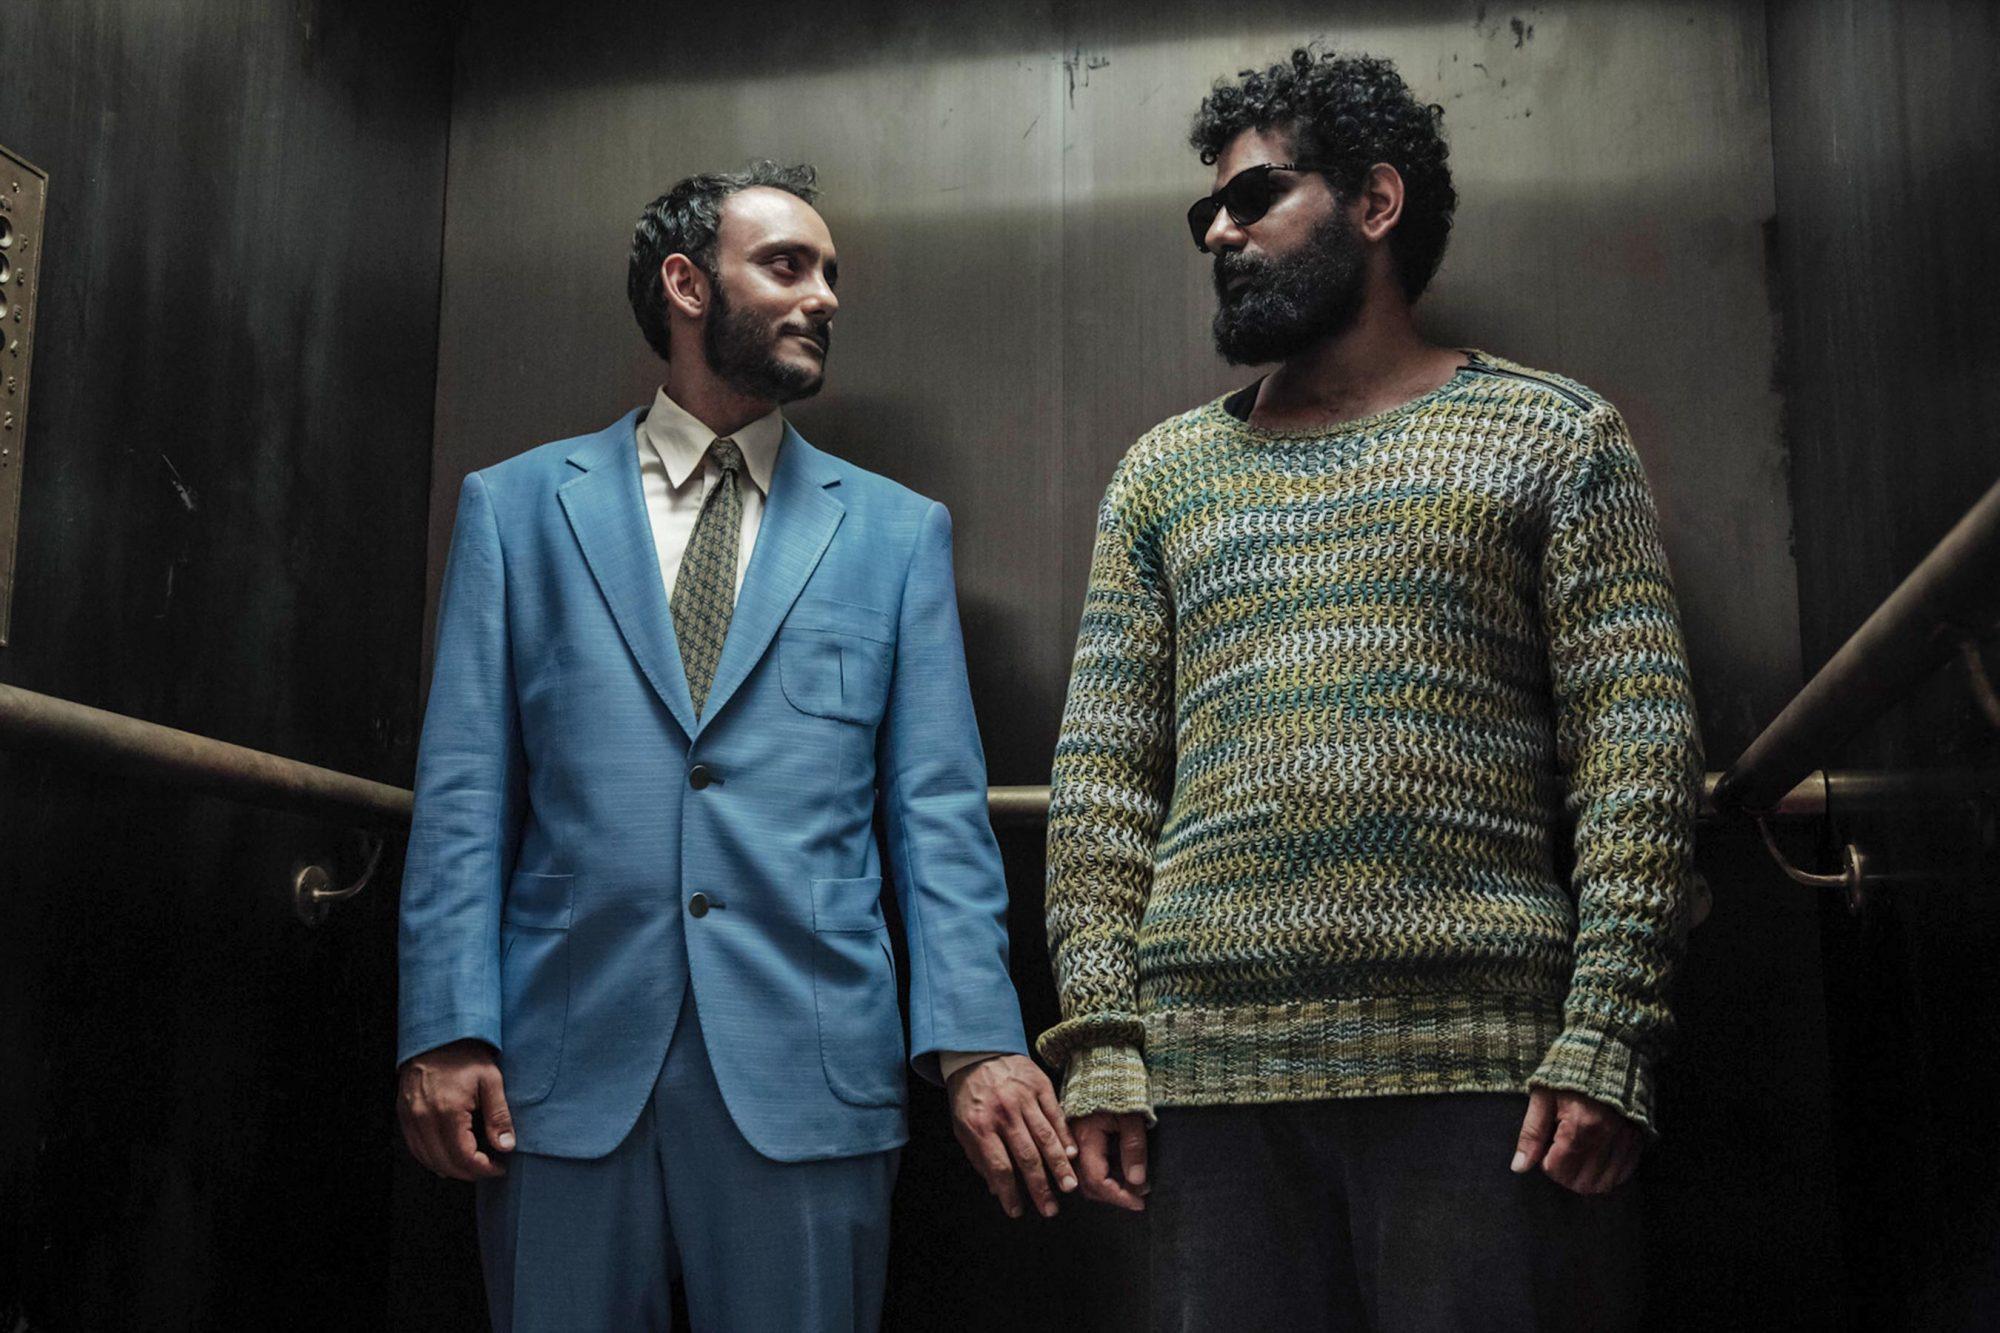 American Gods Season 1 2017 Omid Abtahi (Salim), Mousa Kraish (T